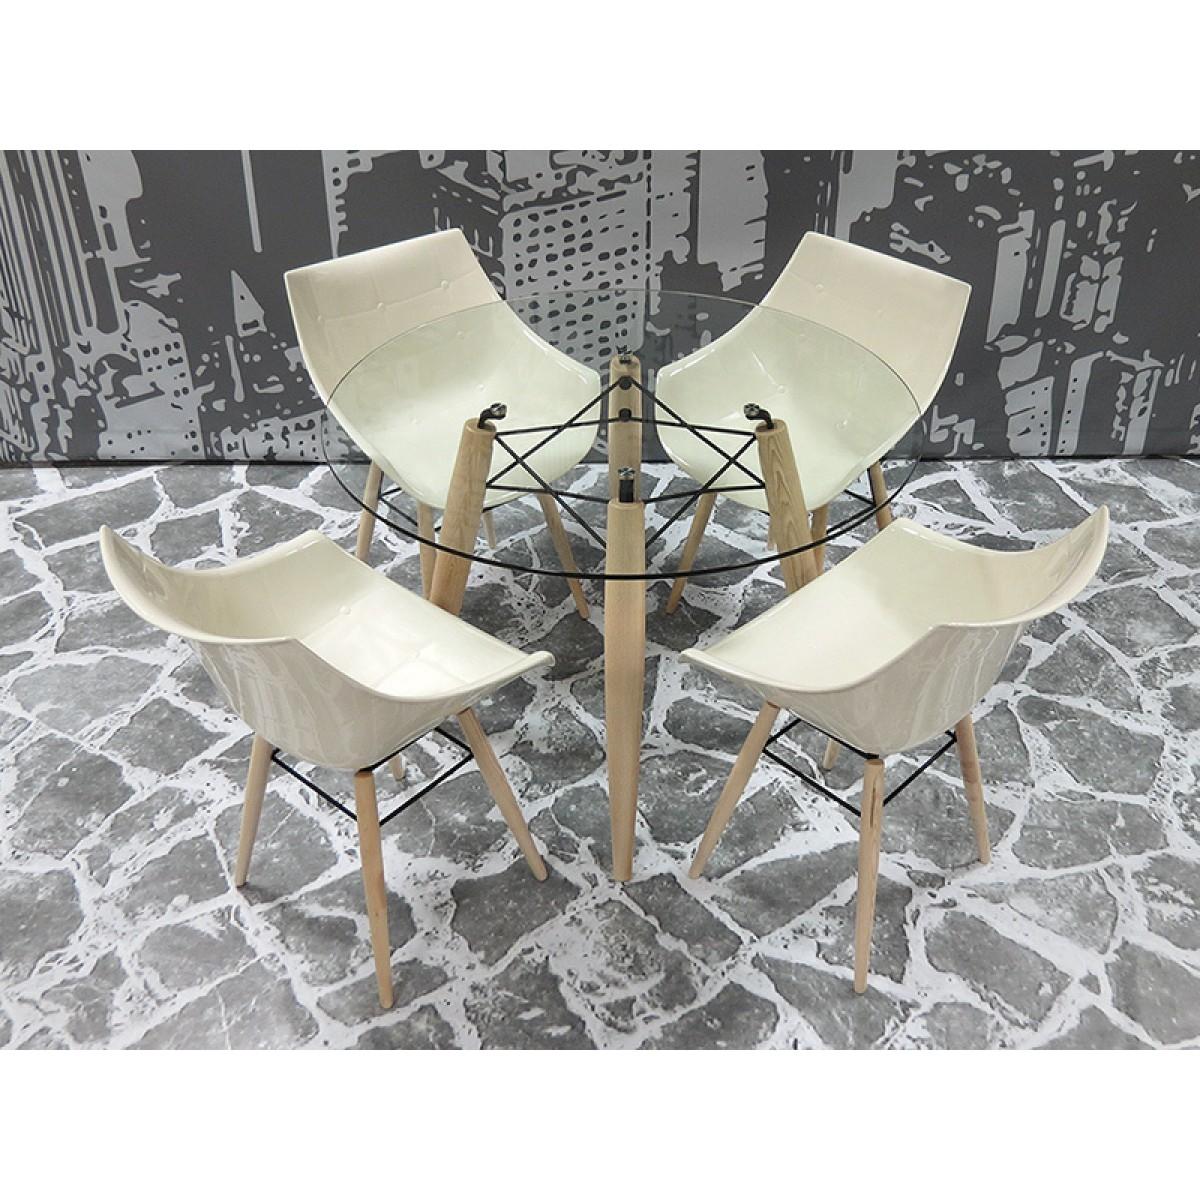 Couchtisch Glasplatte Rund 100 Cm Tv Tisch Modena Stahl Glasplatte